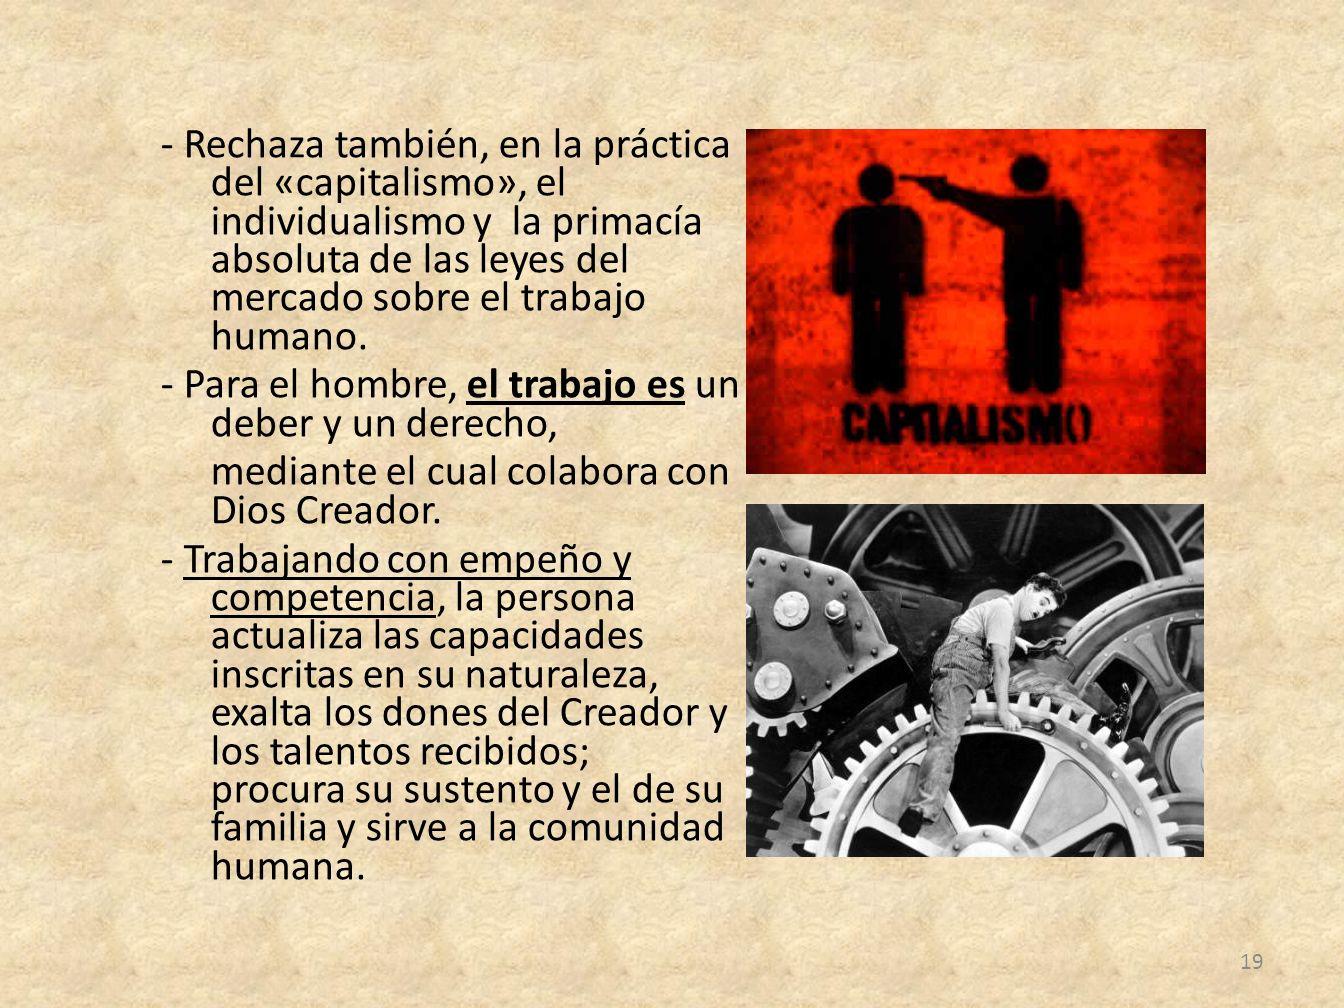 - Rechaza también, en la práctica del «capitalismo», el individualismo y la primacía absoluta de las leyes del mercado sobre el trabajo humano.